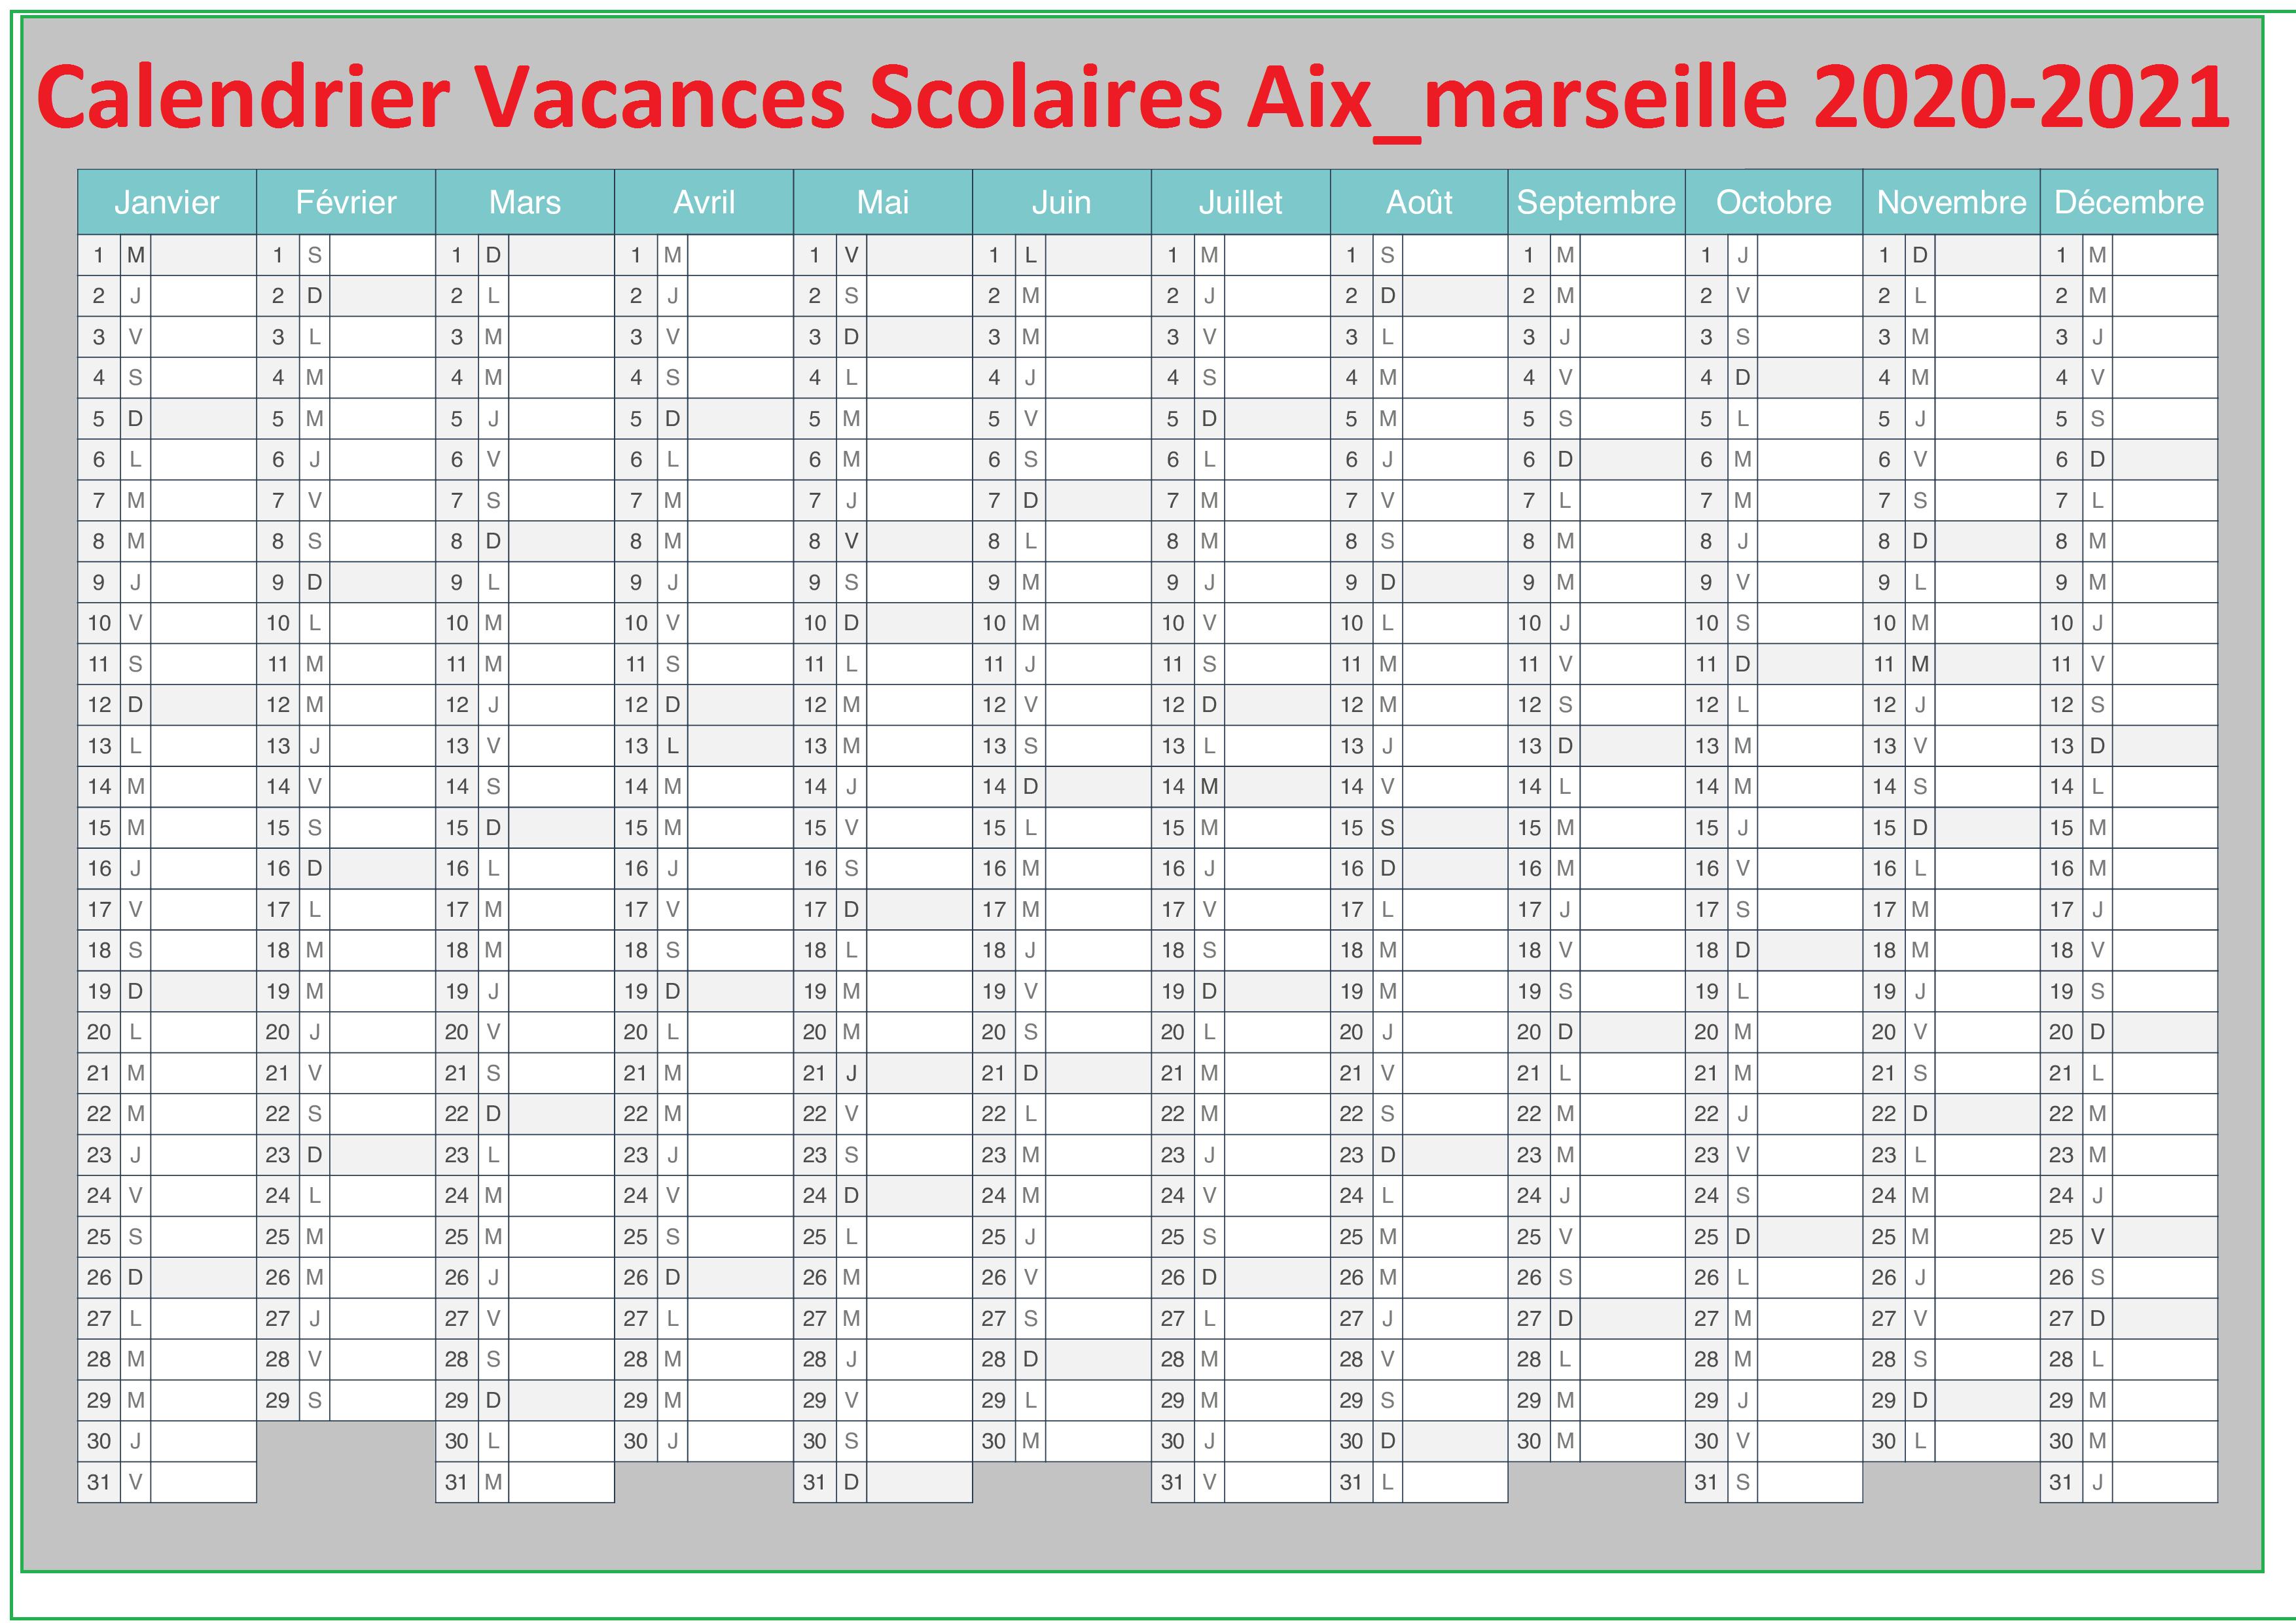 Calendrier Vacances Scolaires 2020 Academie De Aix Marseille